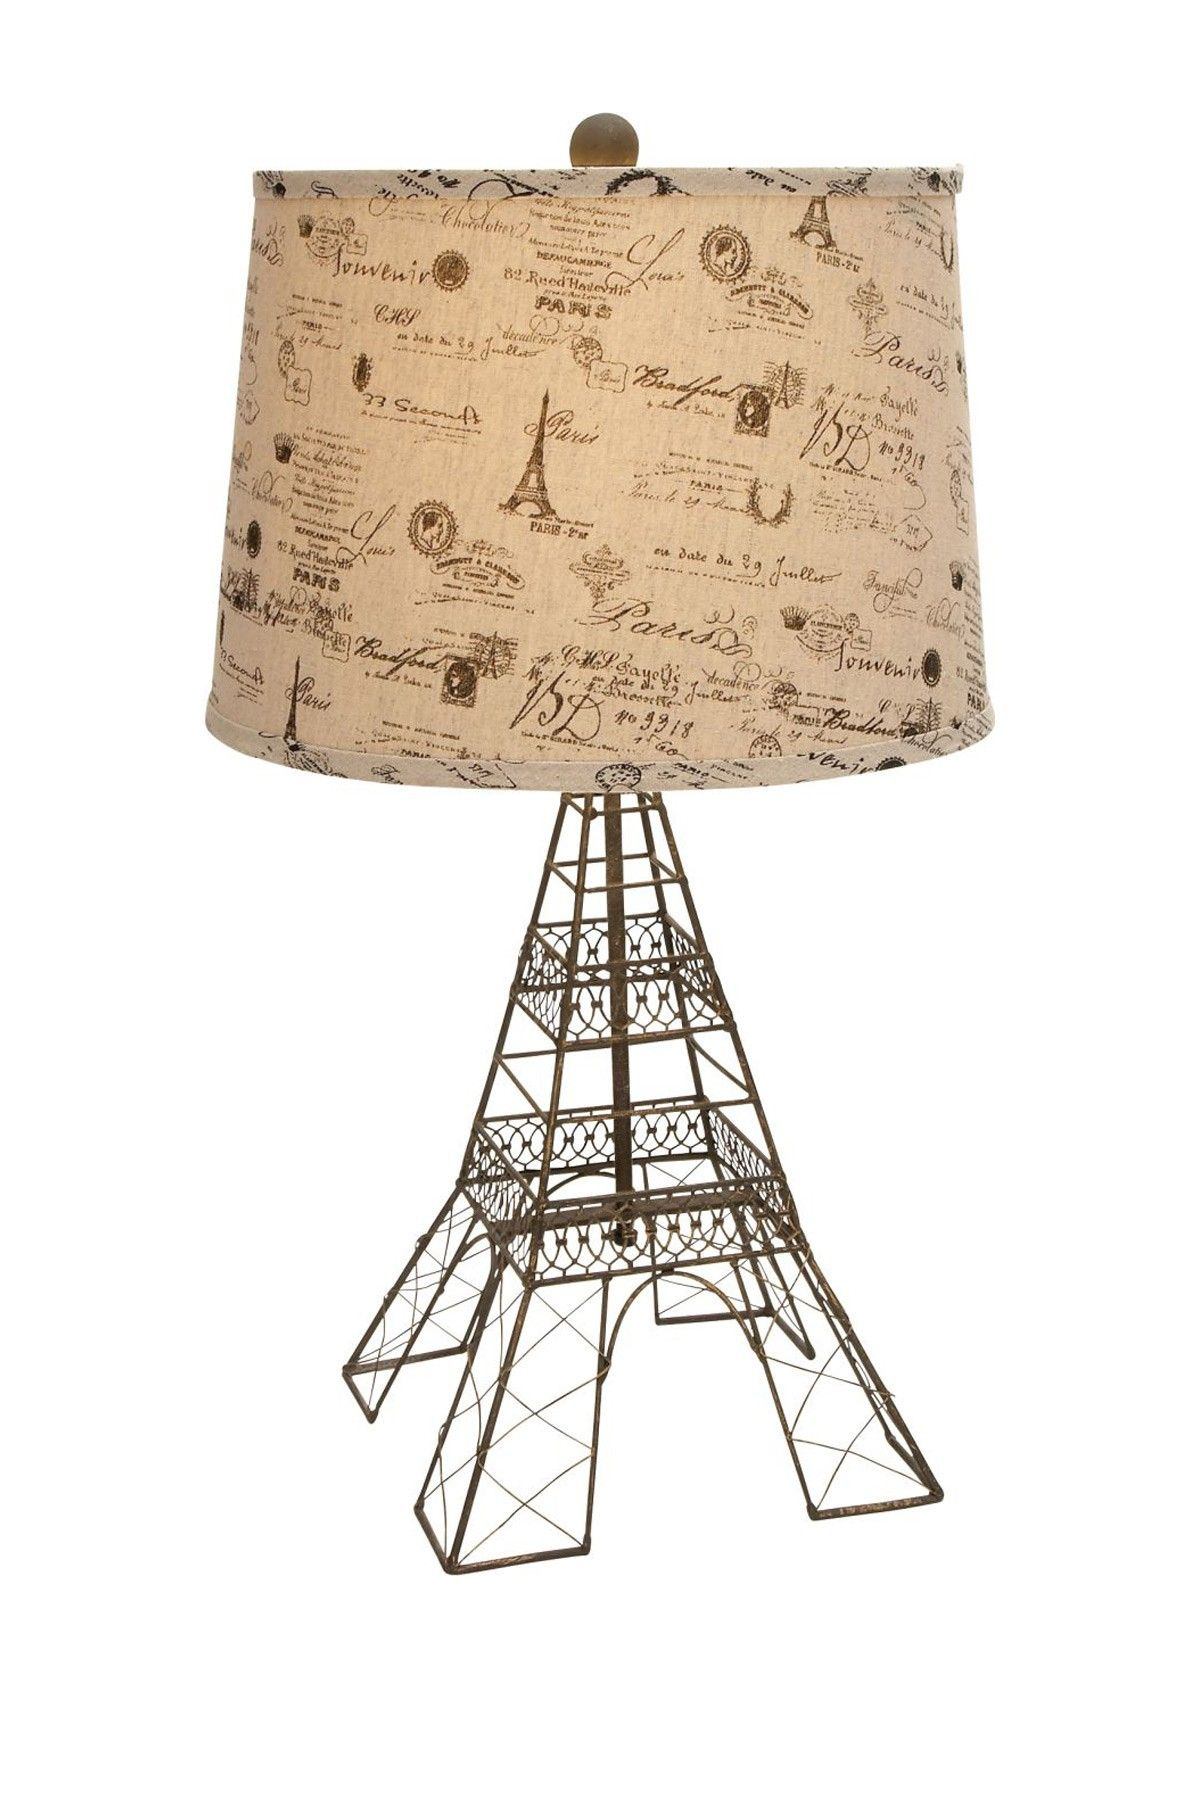 Metal eiffel tower table lamp beige diy pinterest arte metal eiffel tower table lamp beige aloadofball Images